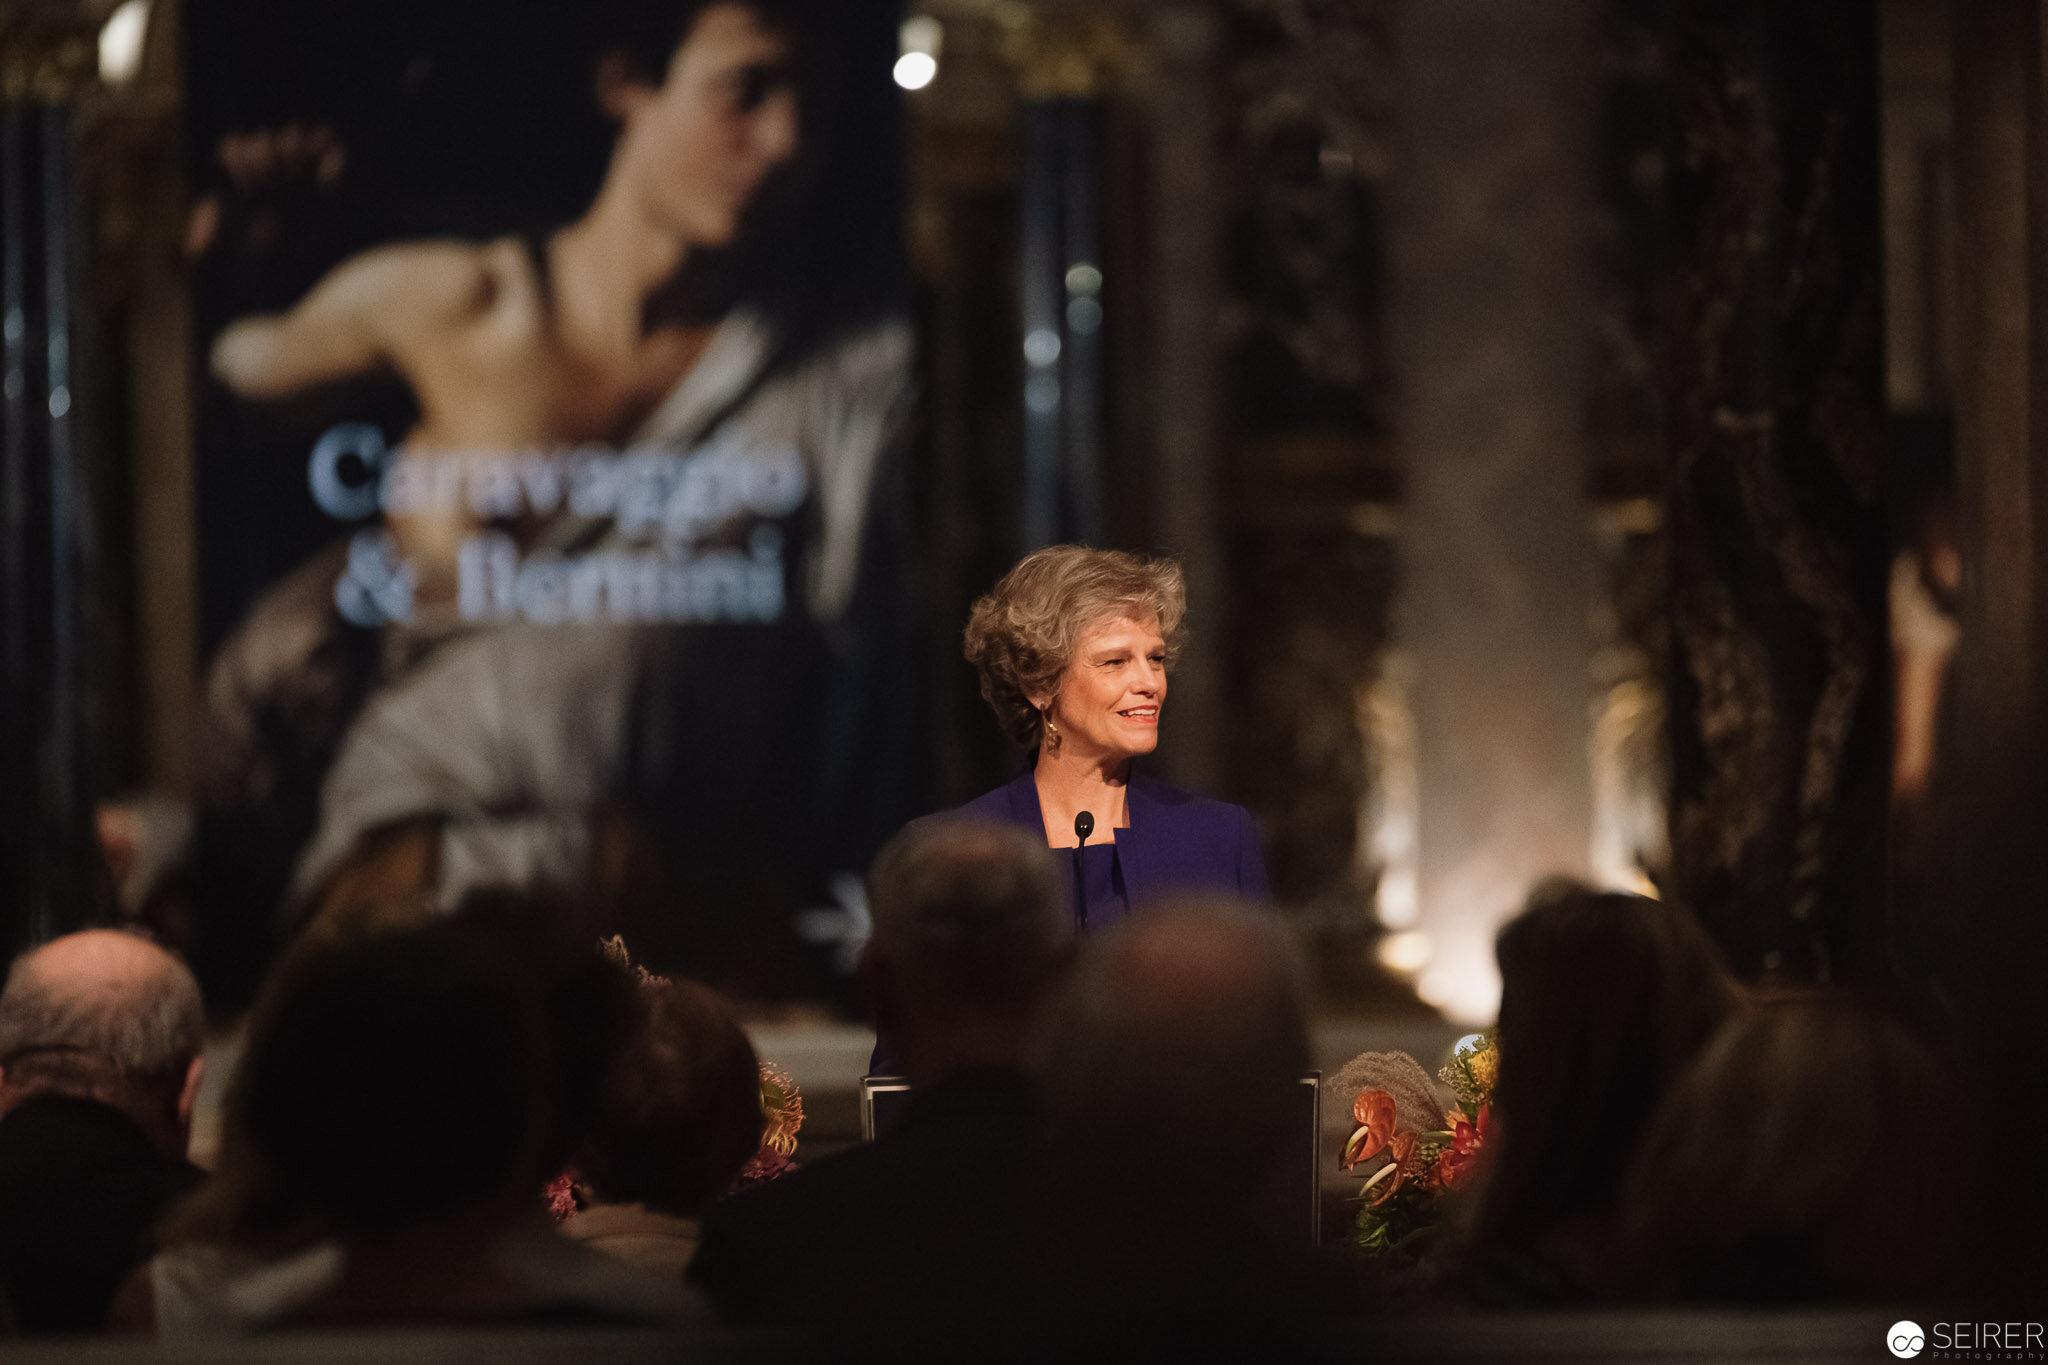 Sabine Haag, Generaldirektorin des KHM, bei der Eröffnungsrede zu Caravaggio & Bernini